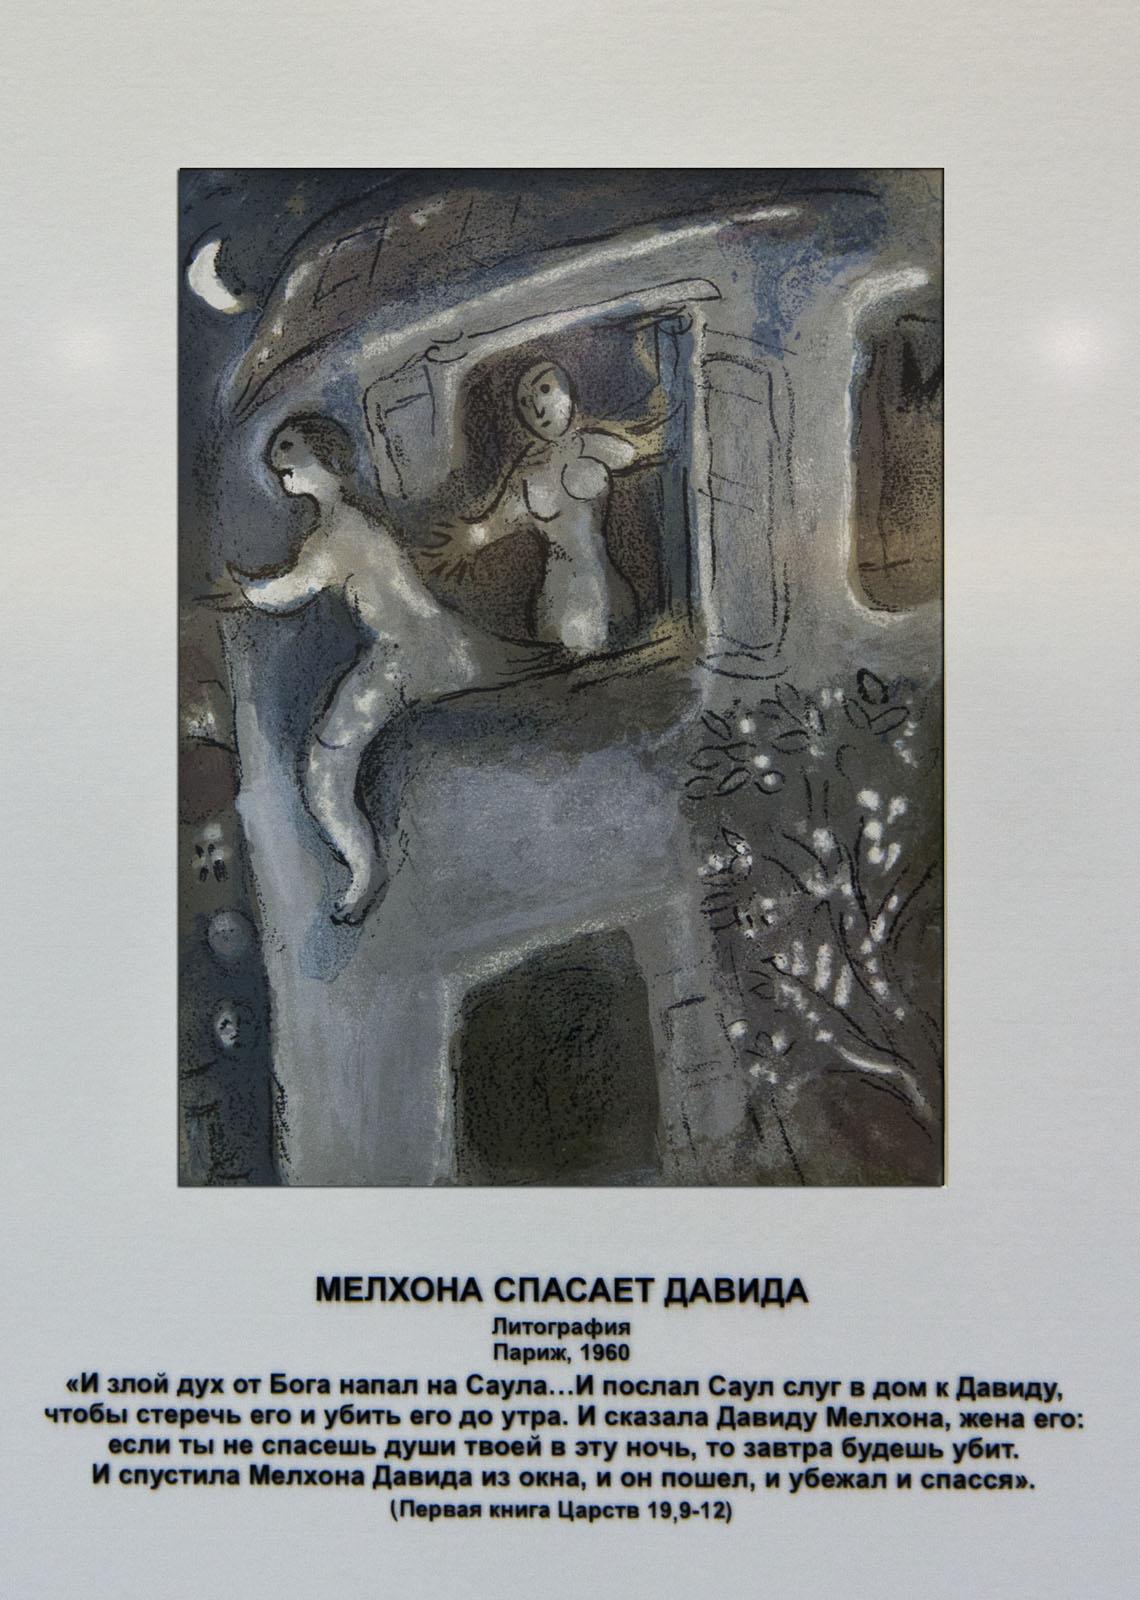 Фото №74431. «Мелхона спасает Давида», Марк Шагал, литография, Париж, 1960